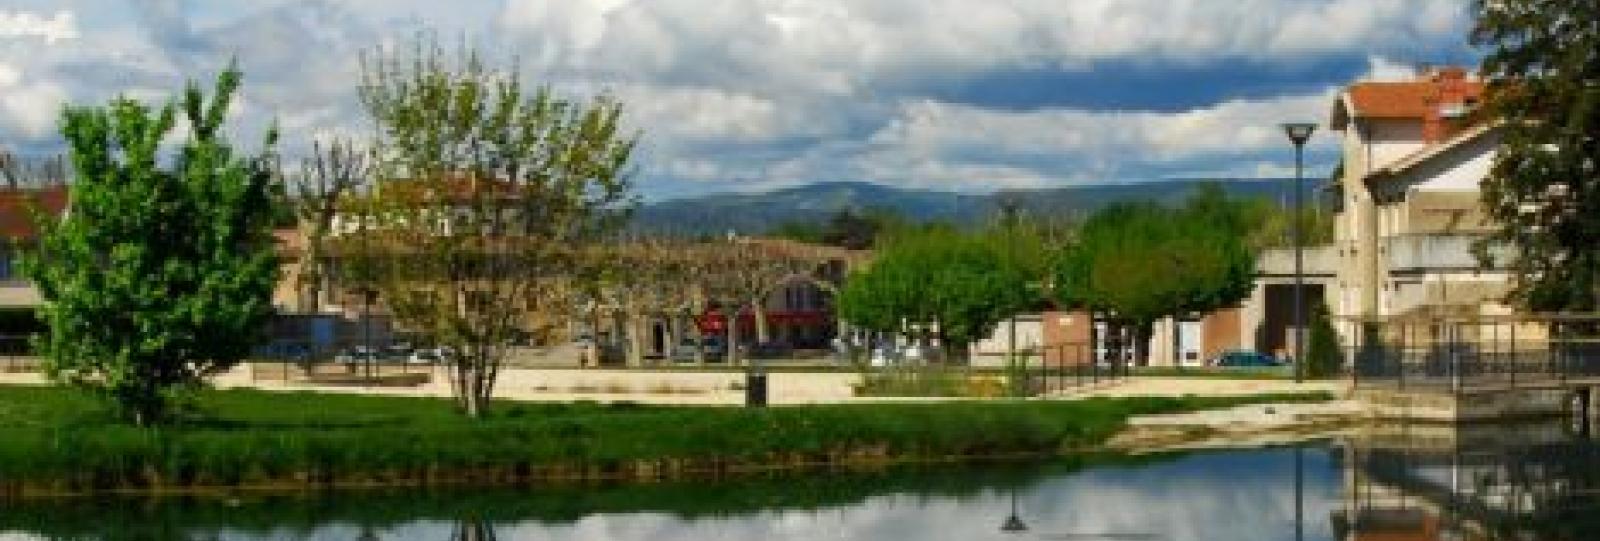 Le Sentier Découverte - Le patrimoine de Beauvallon